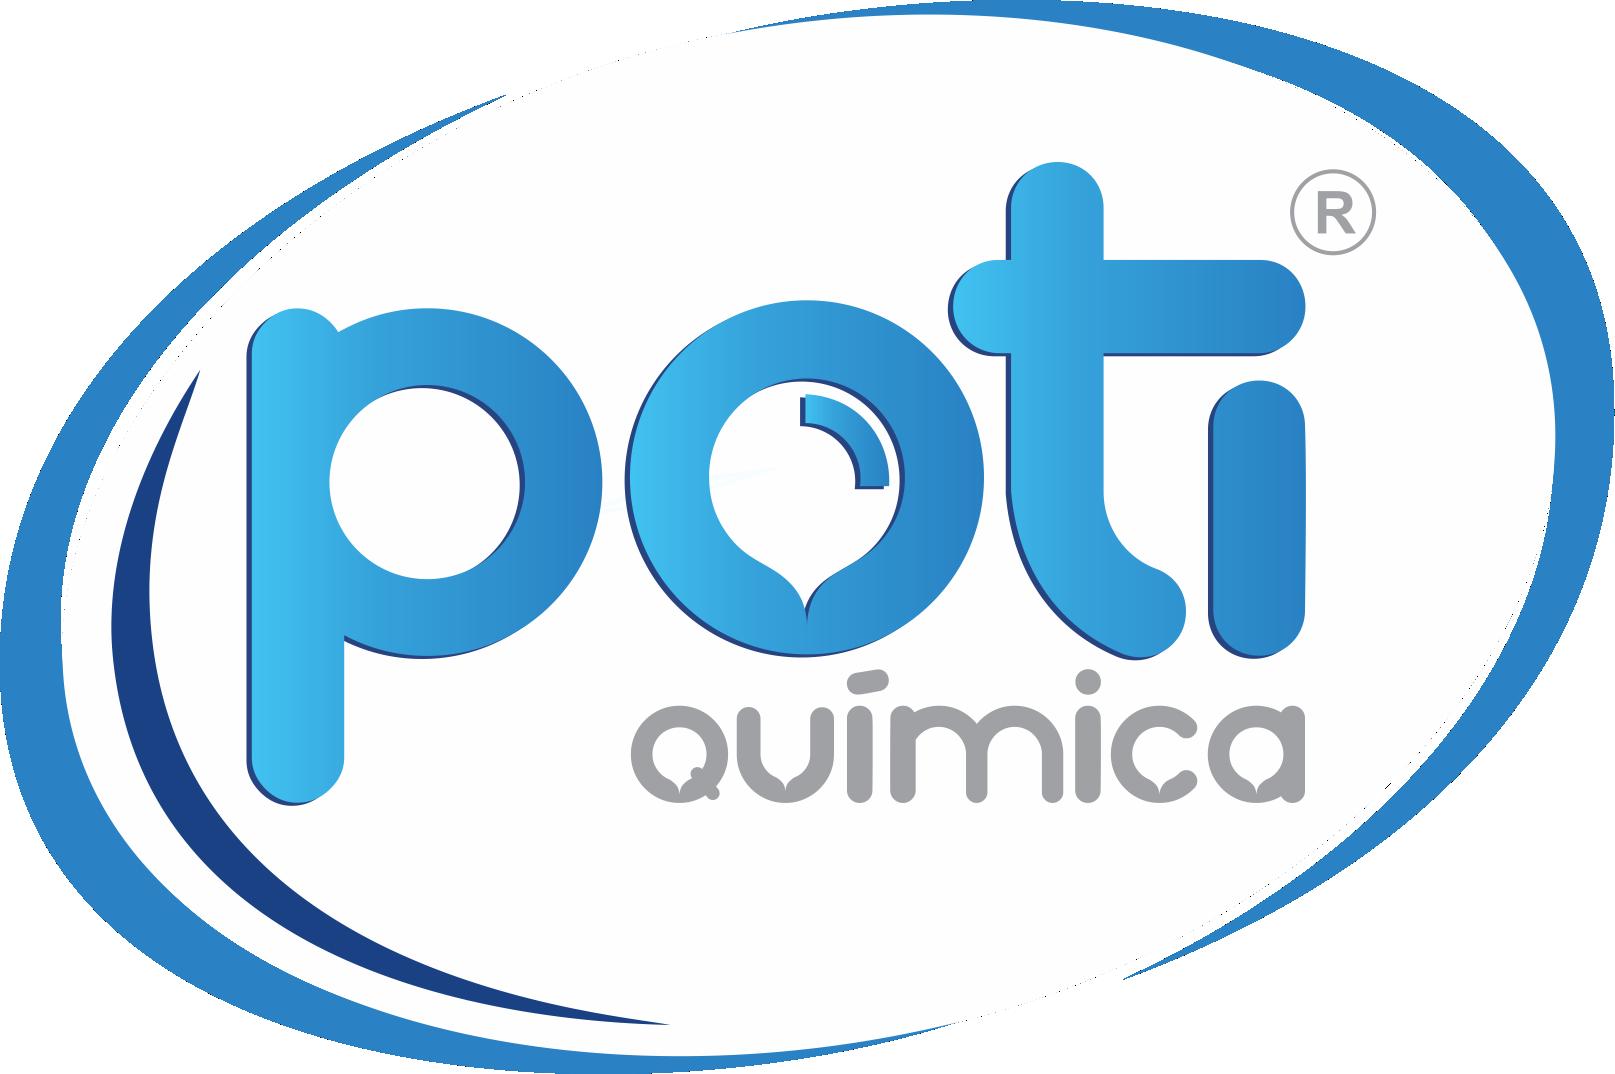 Produtos de Limpeza - Potiquímica